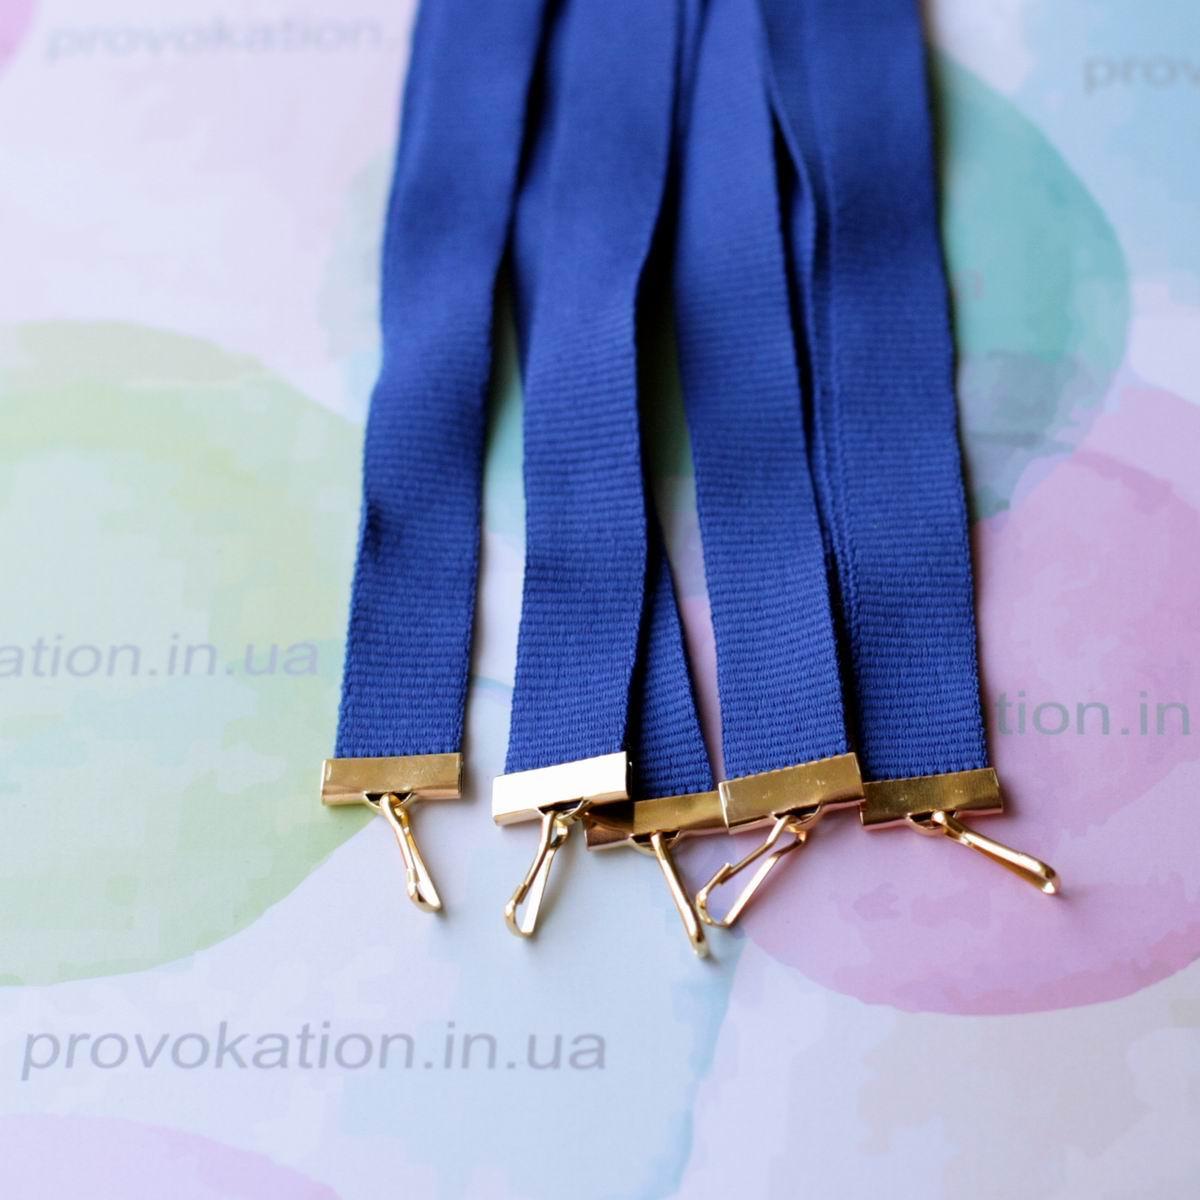 Репсовая лента для медалей и наград, синяя, 15мм, 65см